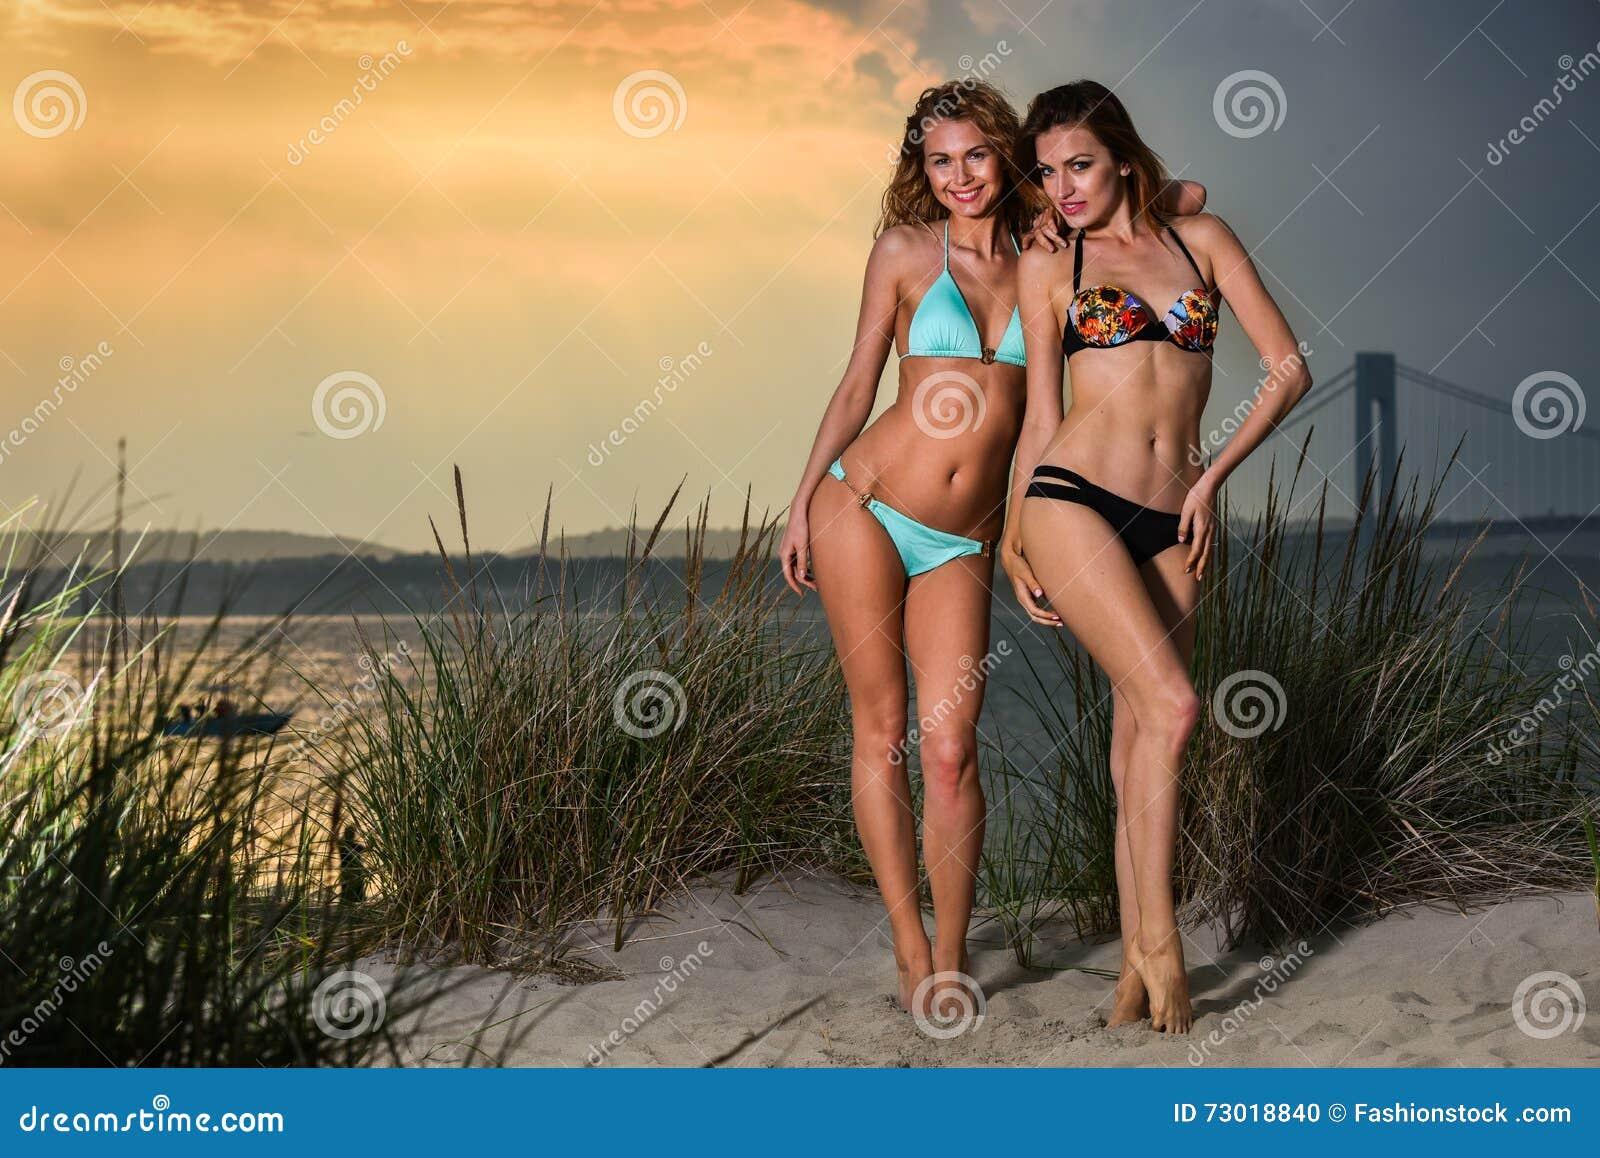 0e40c5c7f9d Two Young Pretty Bikini Models. Stock Photo - Image of fashion ...